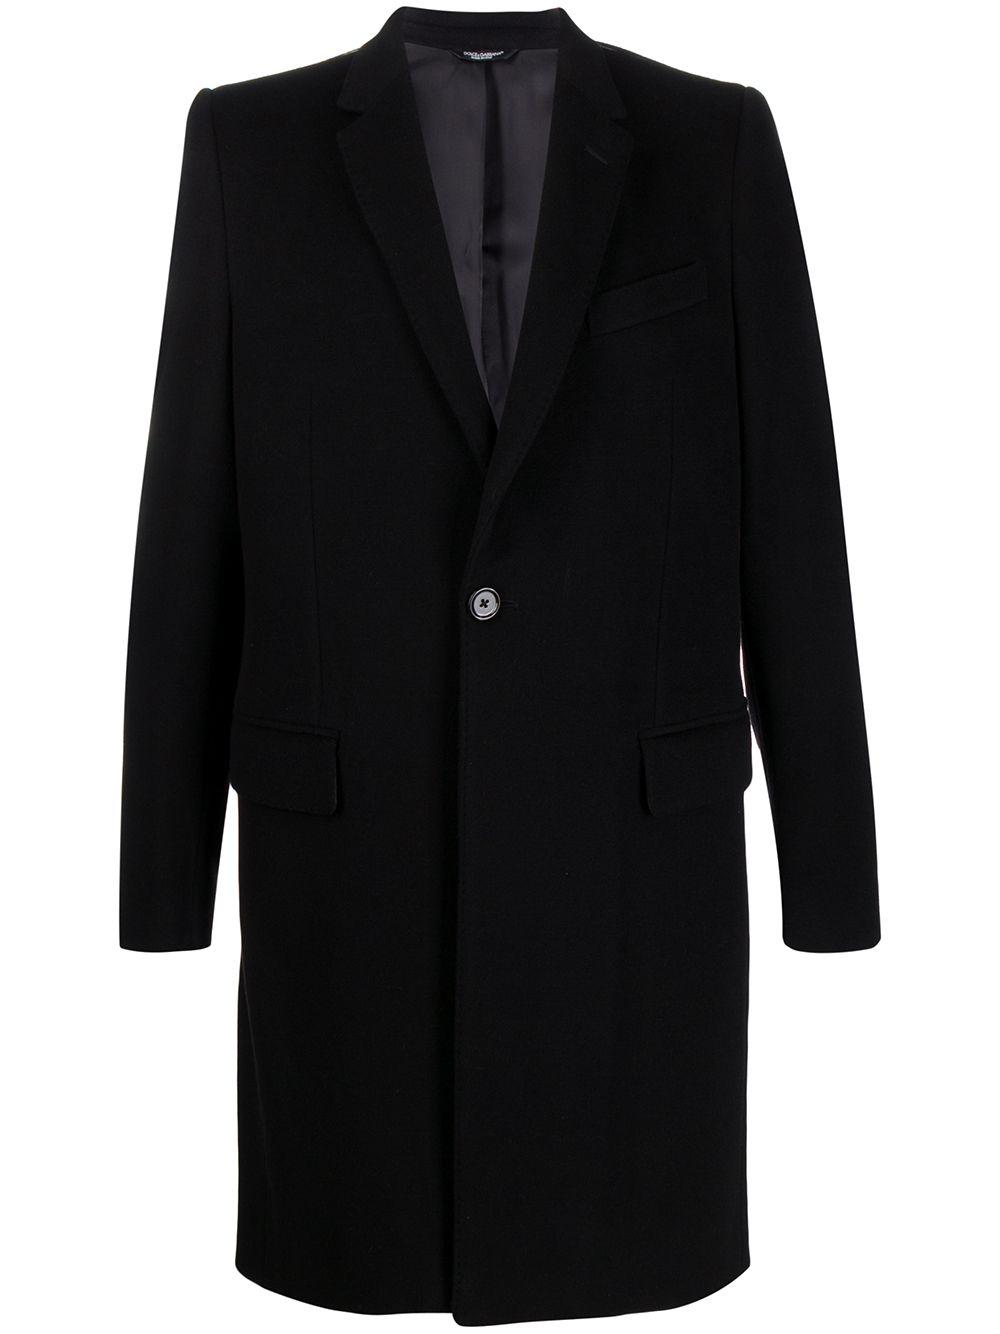 cappotto sartoriale monopetto in misto lana e cashmere nero DOLCE & GABBANA | Cappotti | G007ST-FU2Z0N0000